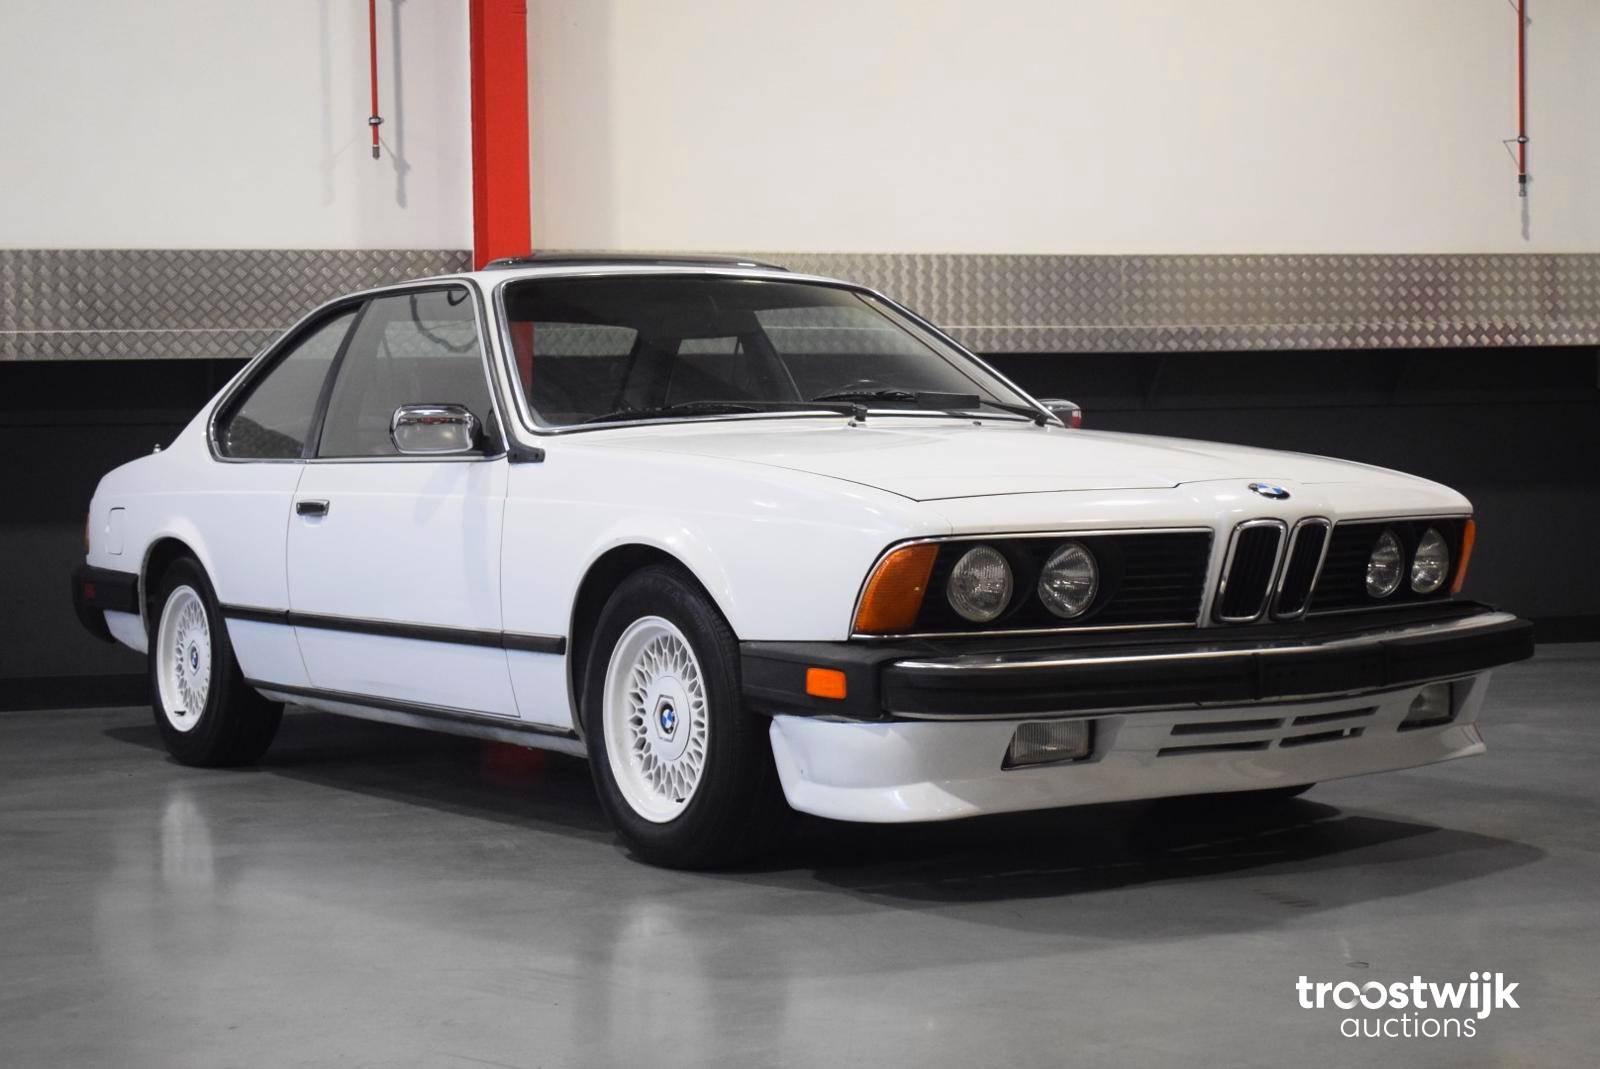 1987 Bmw 635 Csi E24 Coupe 3 4l Vintage Car Gt 30 Troostwijk